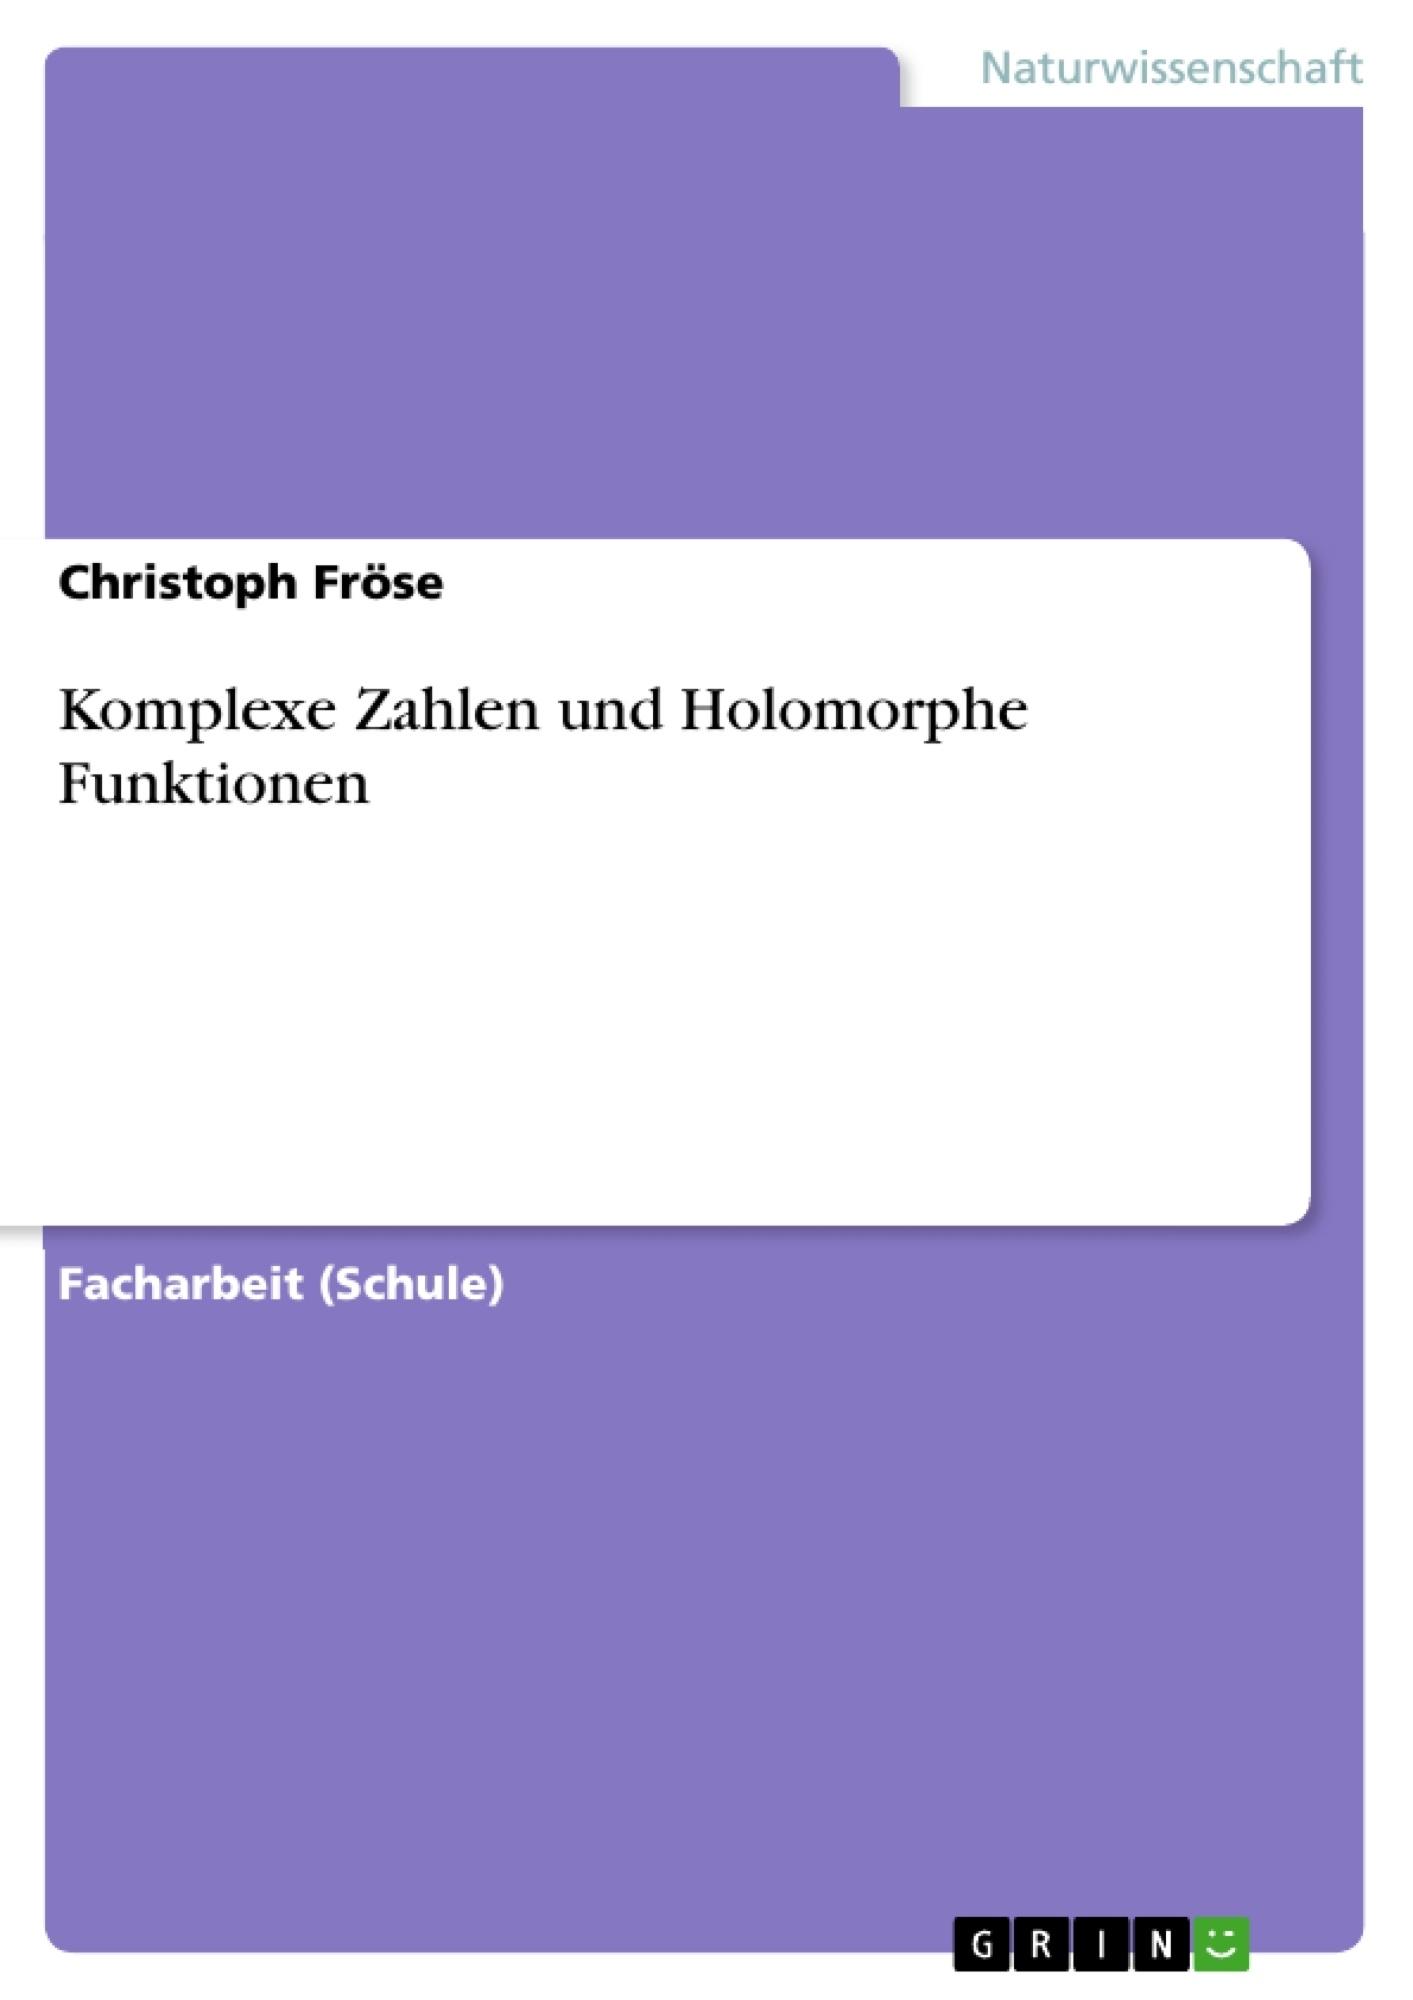 Titel: Komplexe Zahlen und Holomorphe Funktionen